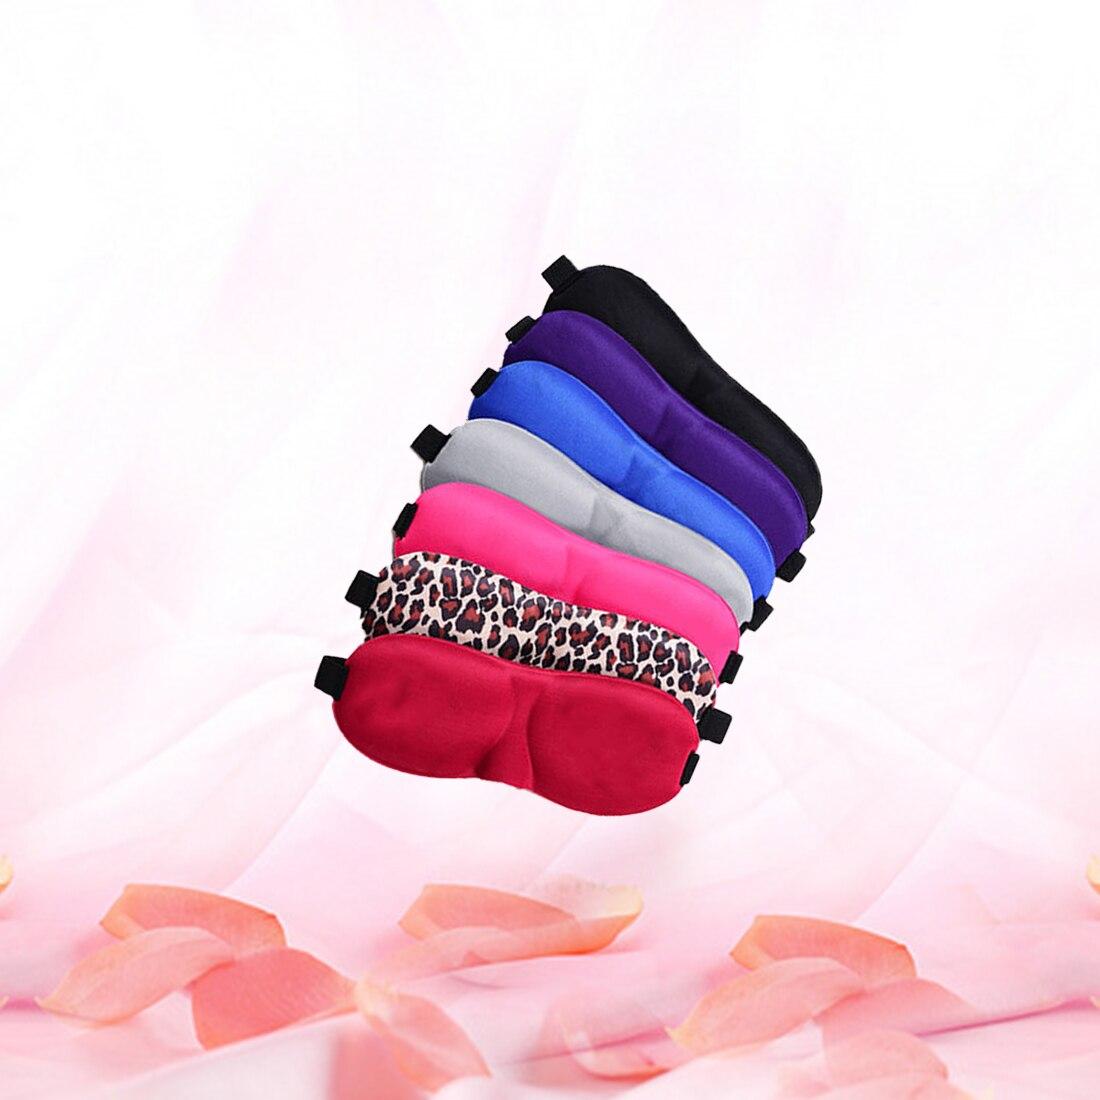 Beliebte Marke Dewtreetali Schaum Padded Schatten Abdeckung Reise Rest Schlaf Eye Maske Eyeshade Schlafen Augenbinde Augenklappe Hilfe Entspannen Outdoor Kits